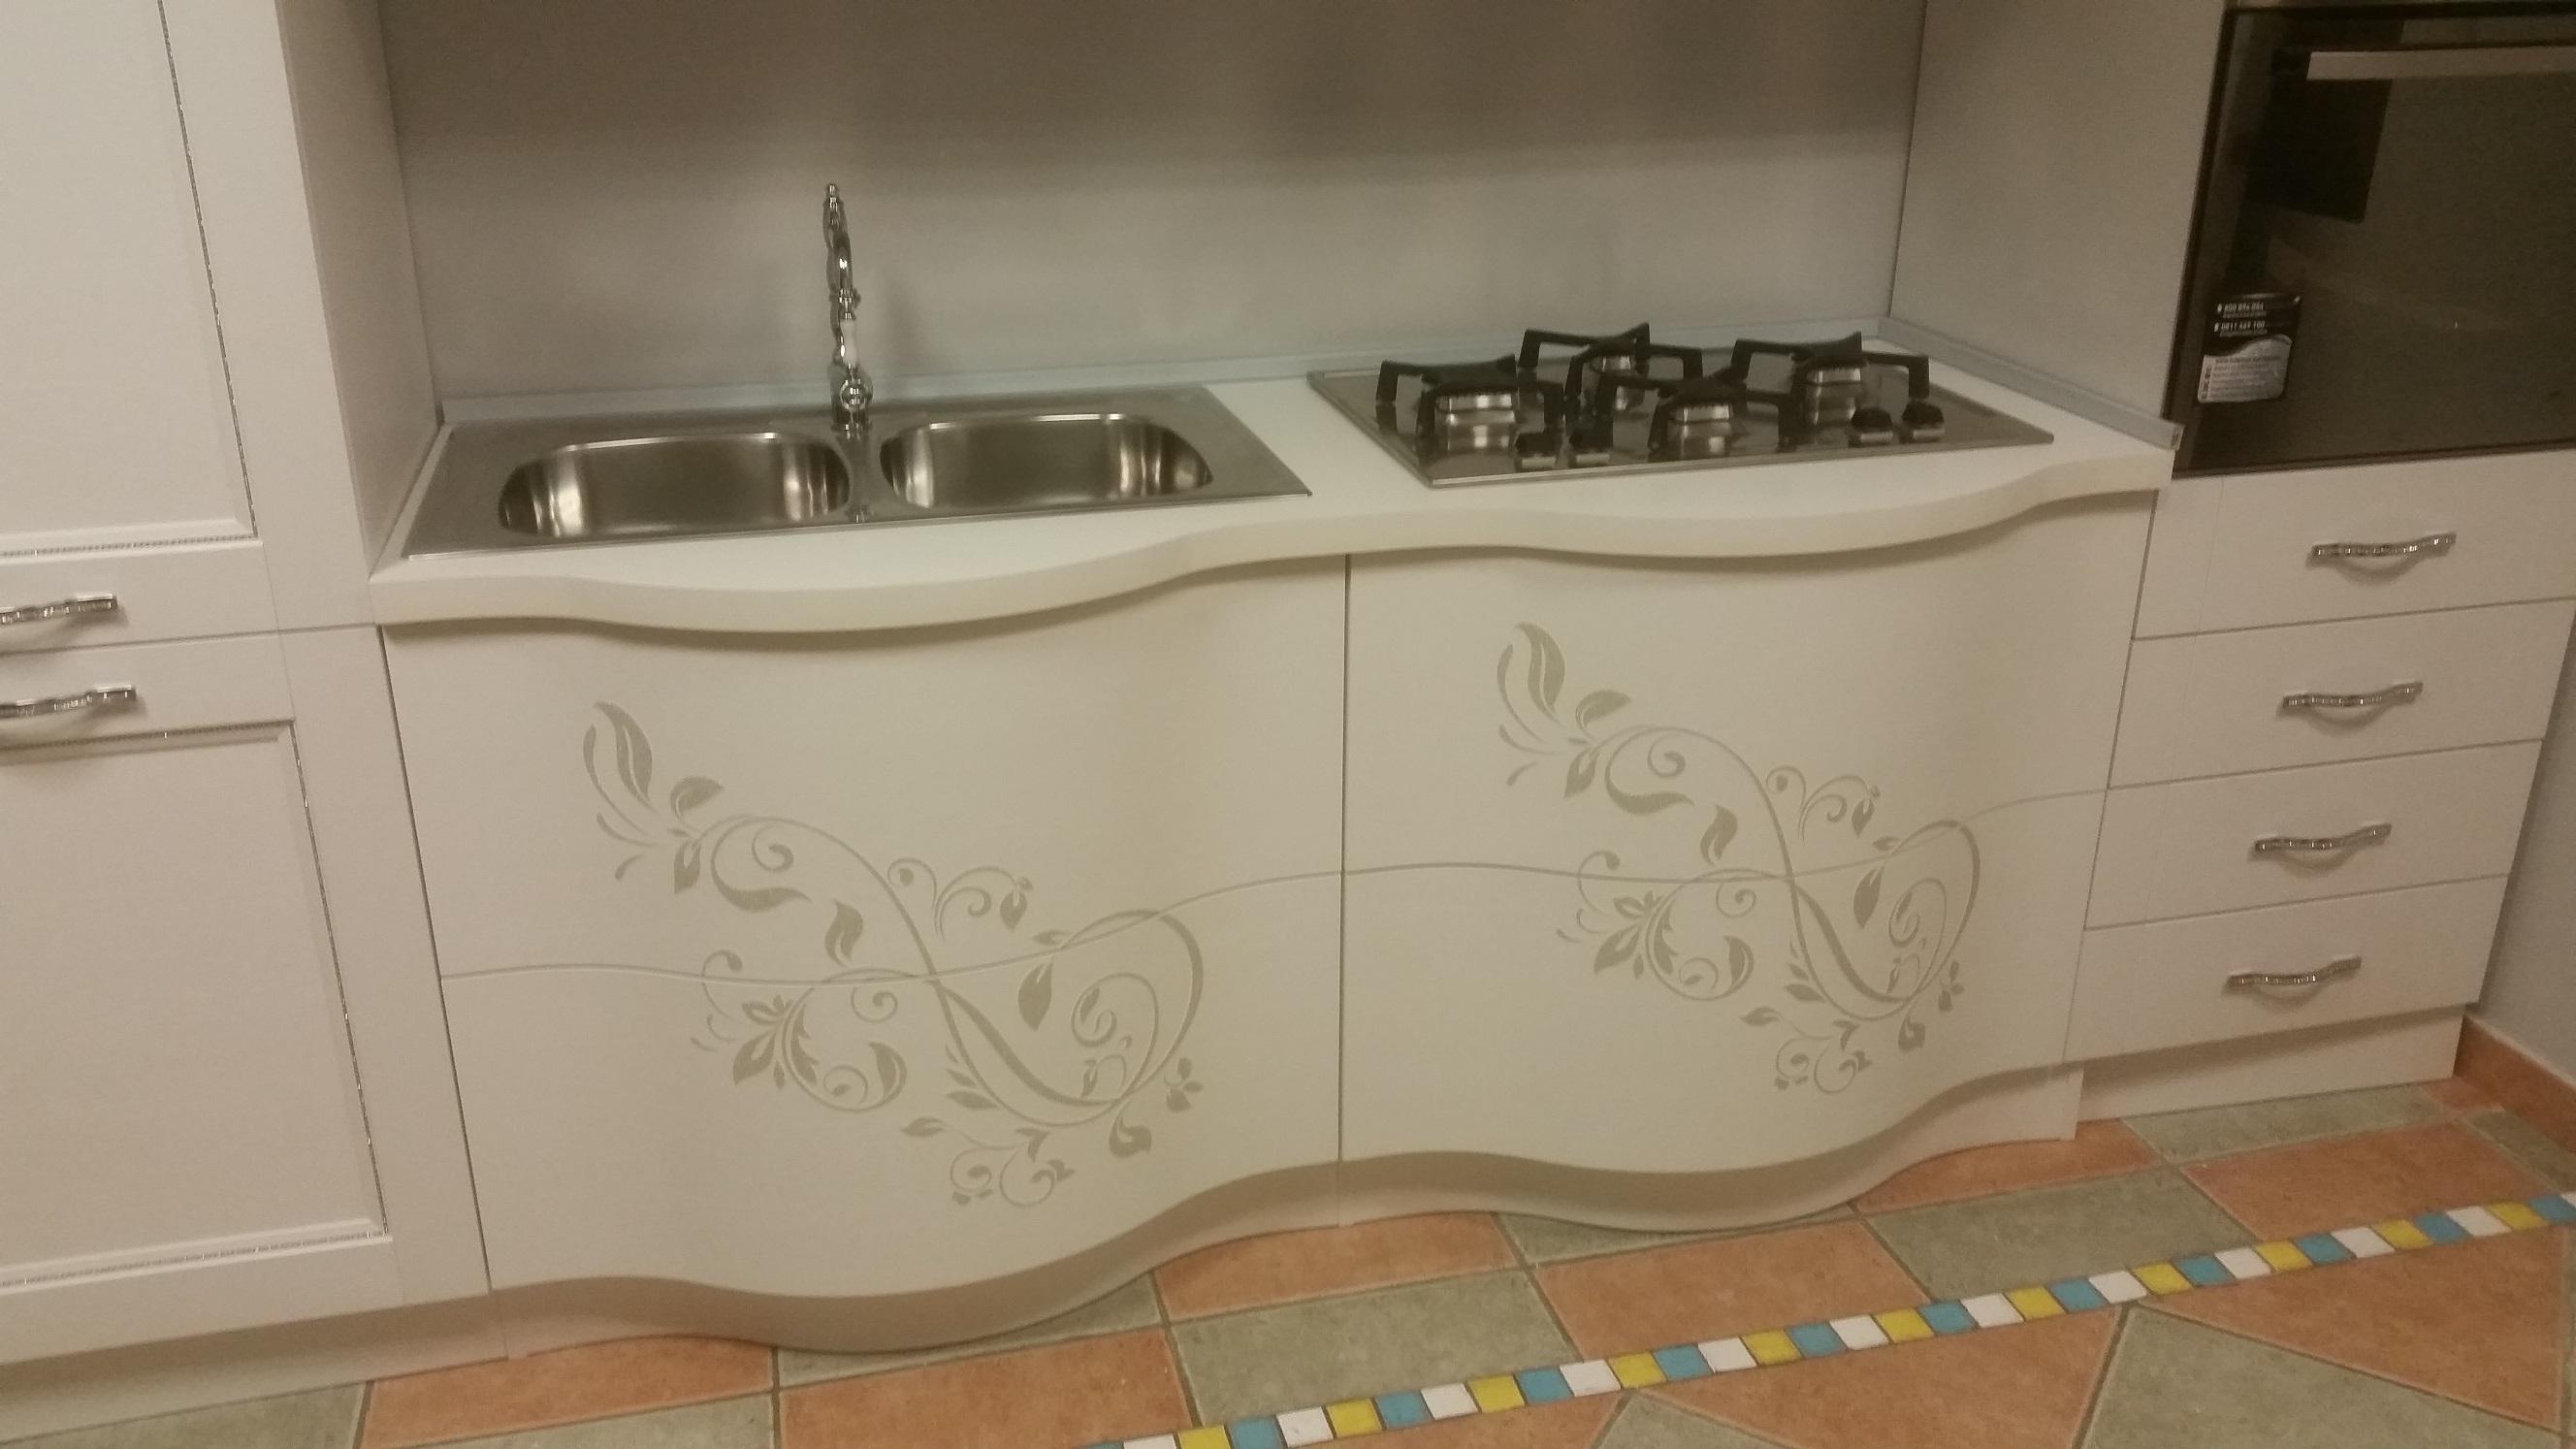 Cucina Spar Prestige Design - Cucine a prezzi scontati